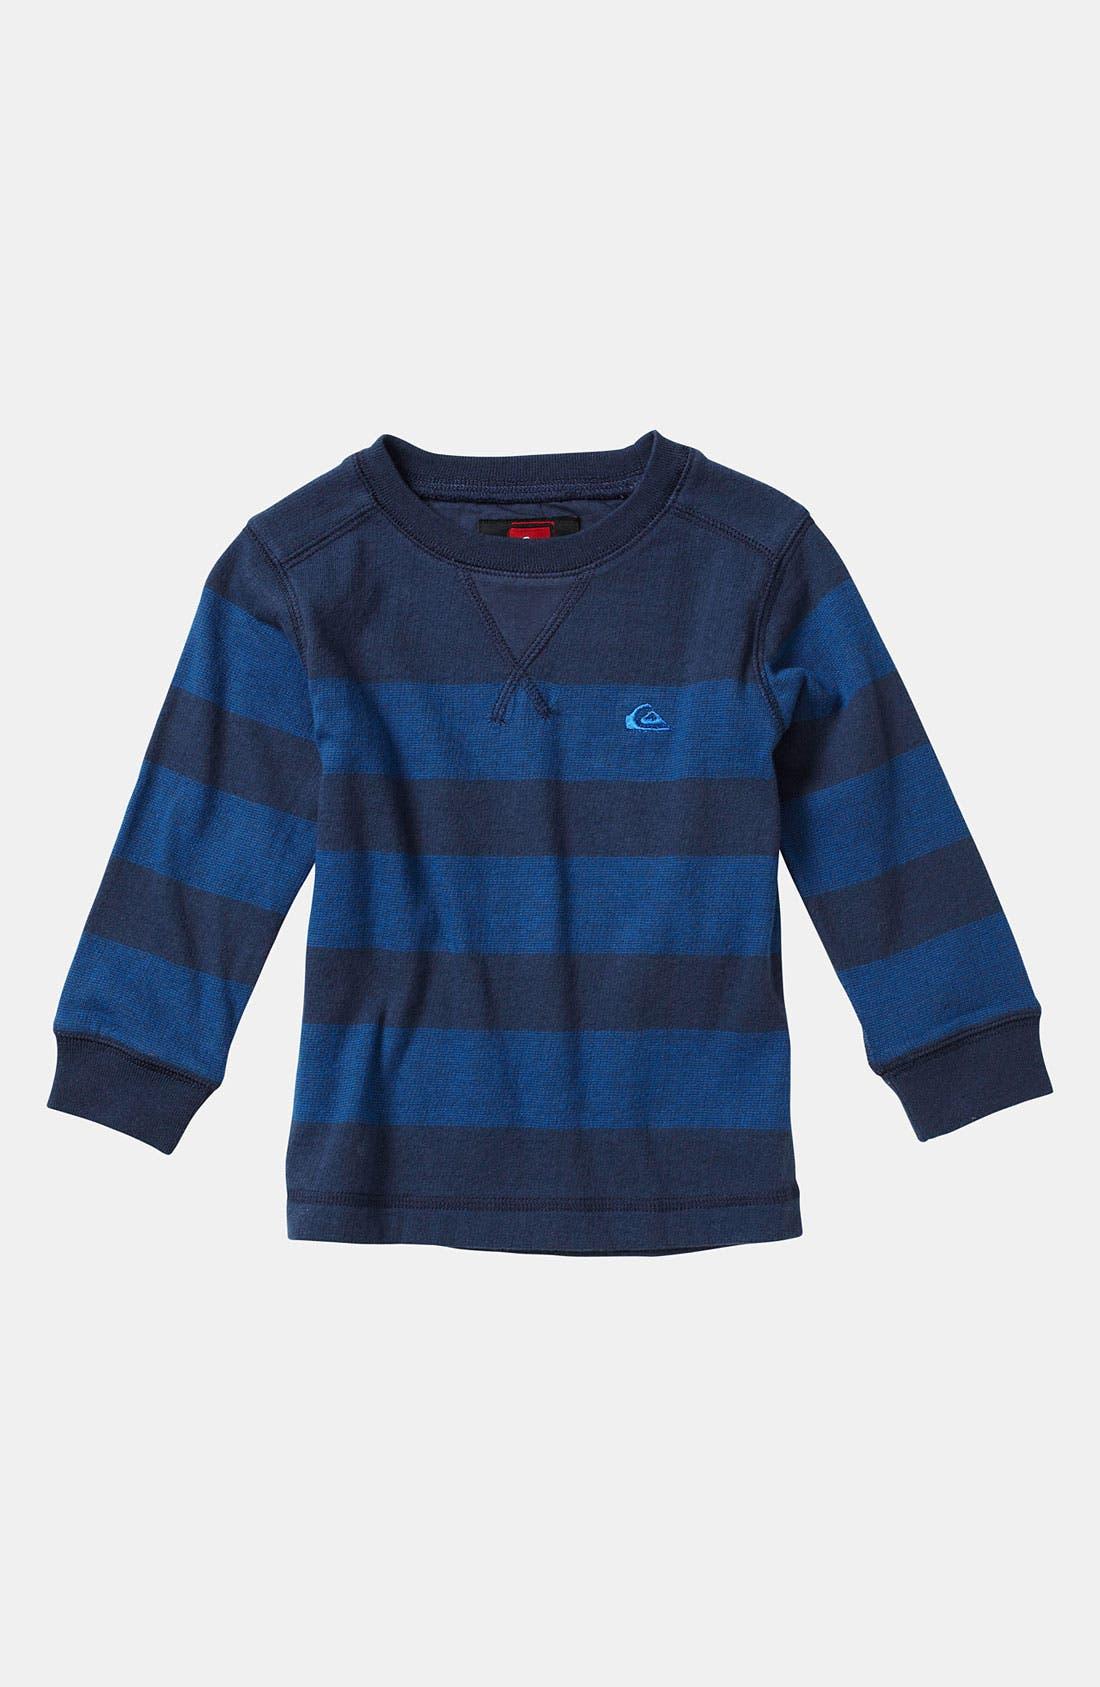 Main Image - Quiksilver 'Snit' Stripe Shirt (Toddler)